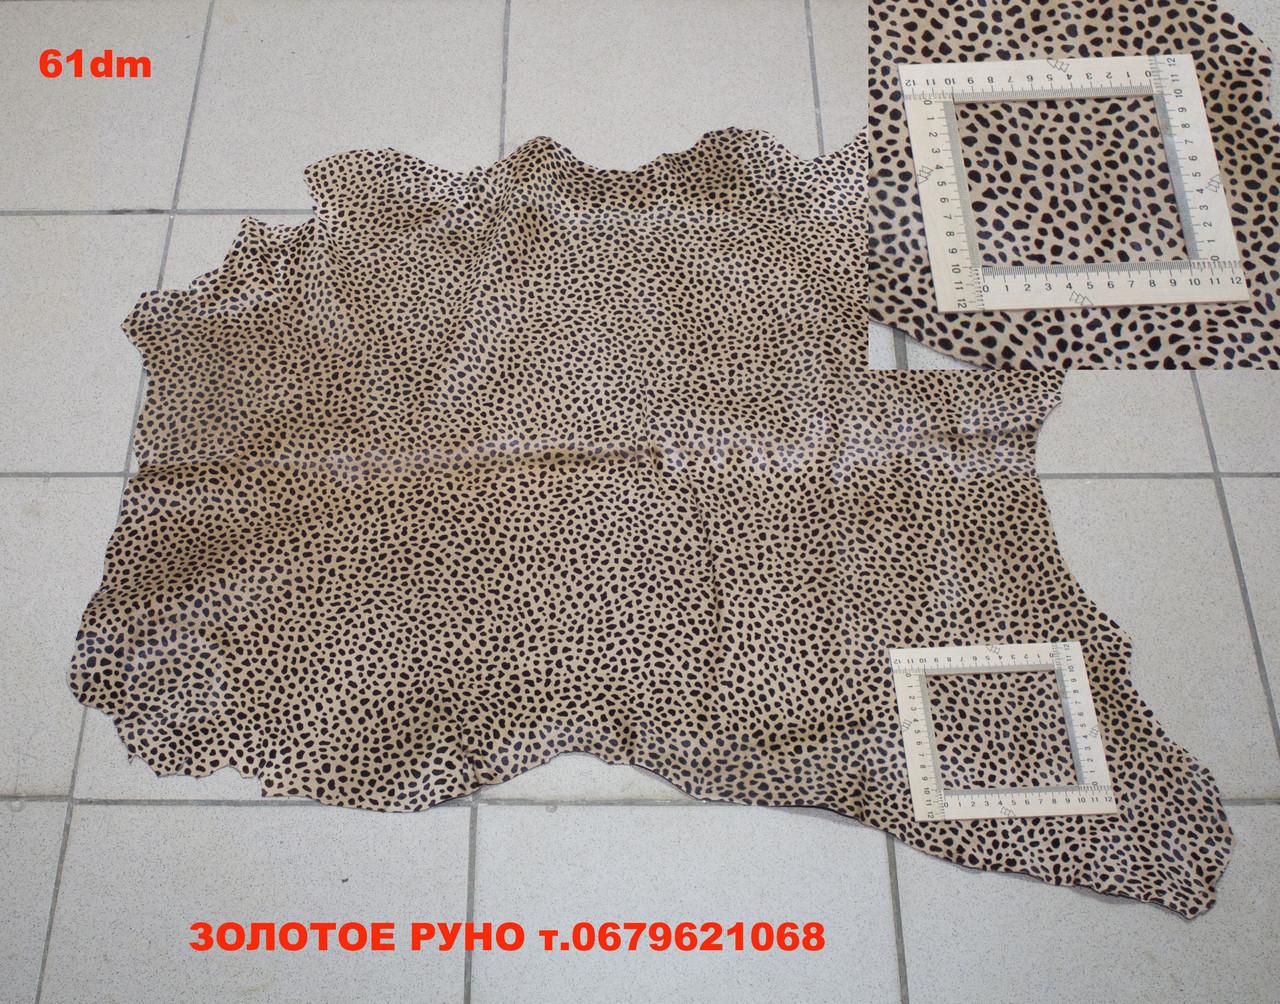 Кожа пони леопард 61